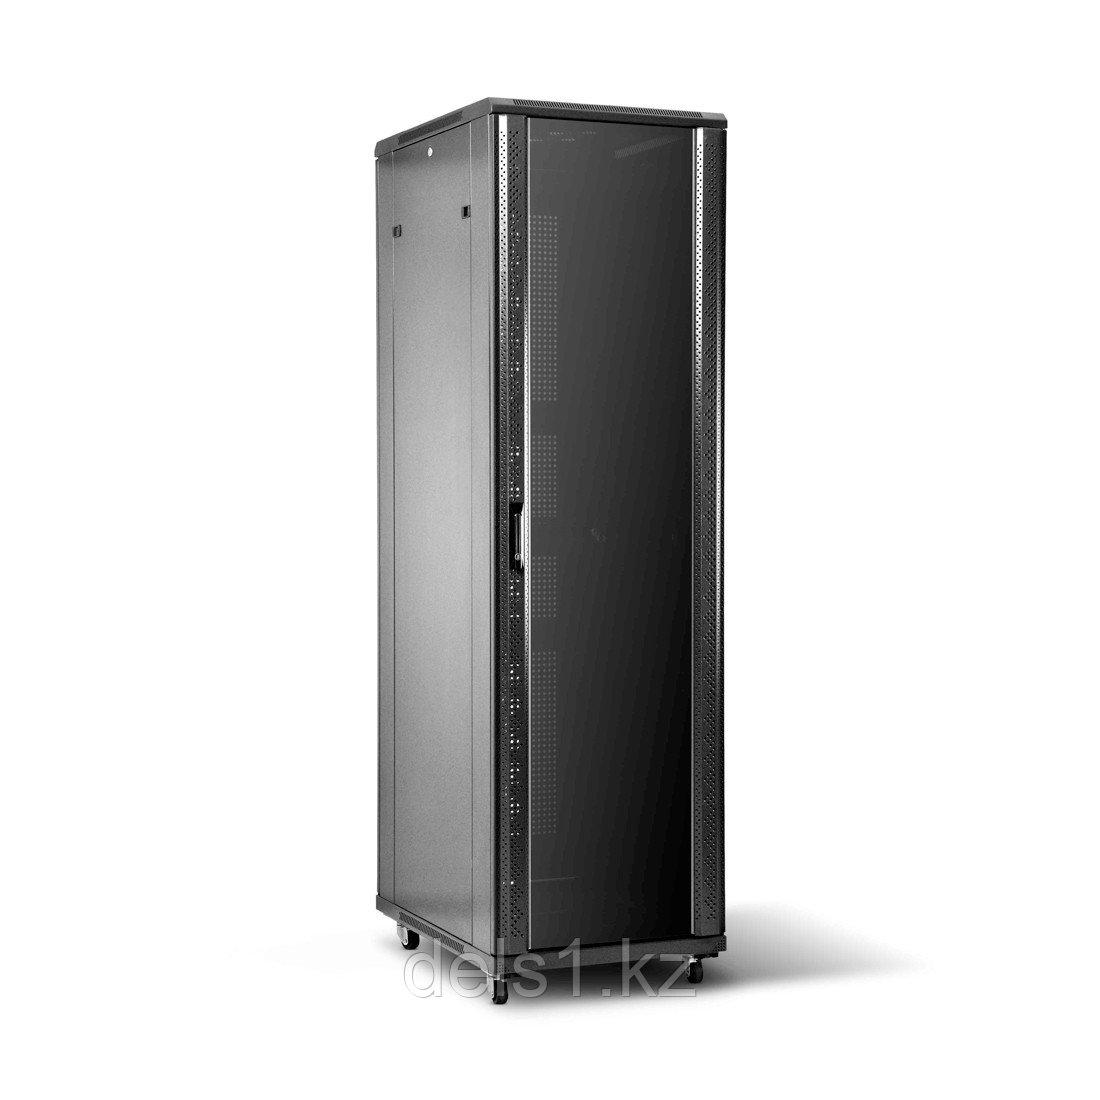 Шкаф серверный напольный SHIP 601S.6824.54.100 24U 600*800*1200 мм